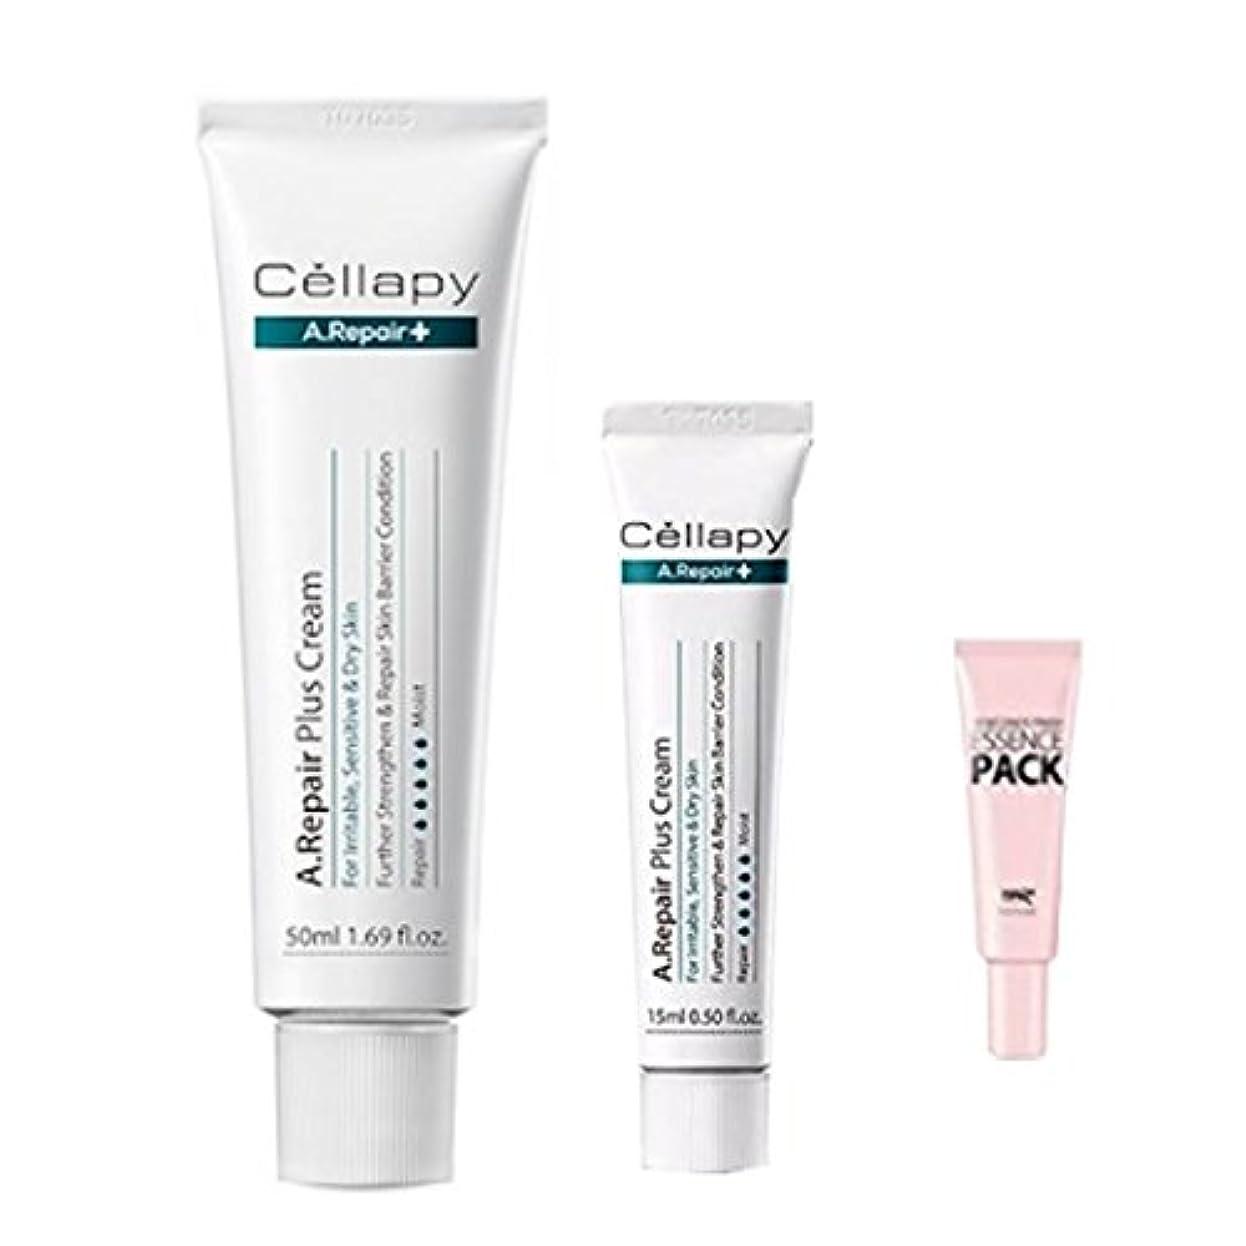 セラピ エイリペアプラスクリーム50ml+15ml [並行輸入品]/Cellapy A.Repair Plus Cream for Irritable, Sensitive & Dry Skin 50ml(1.69fl.oz...